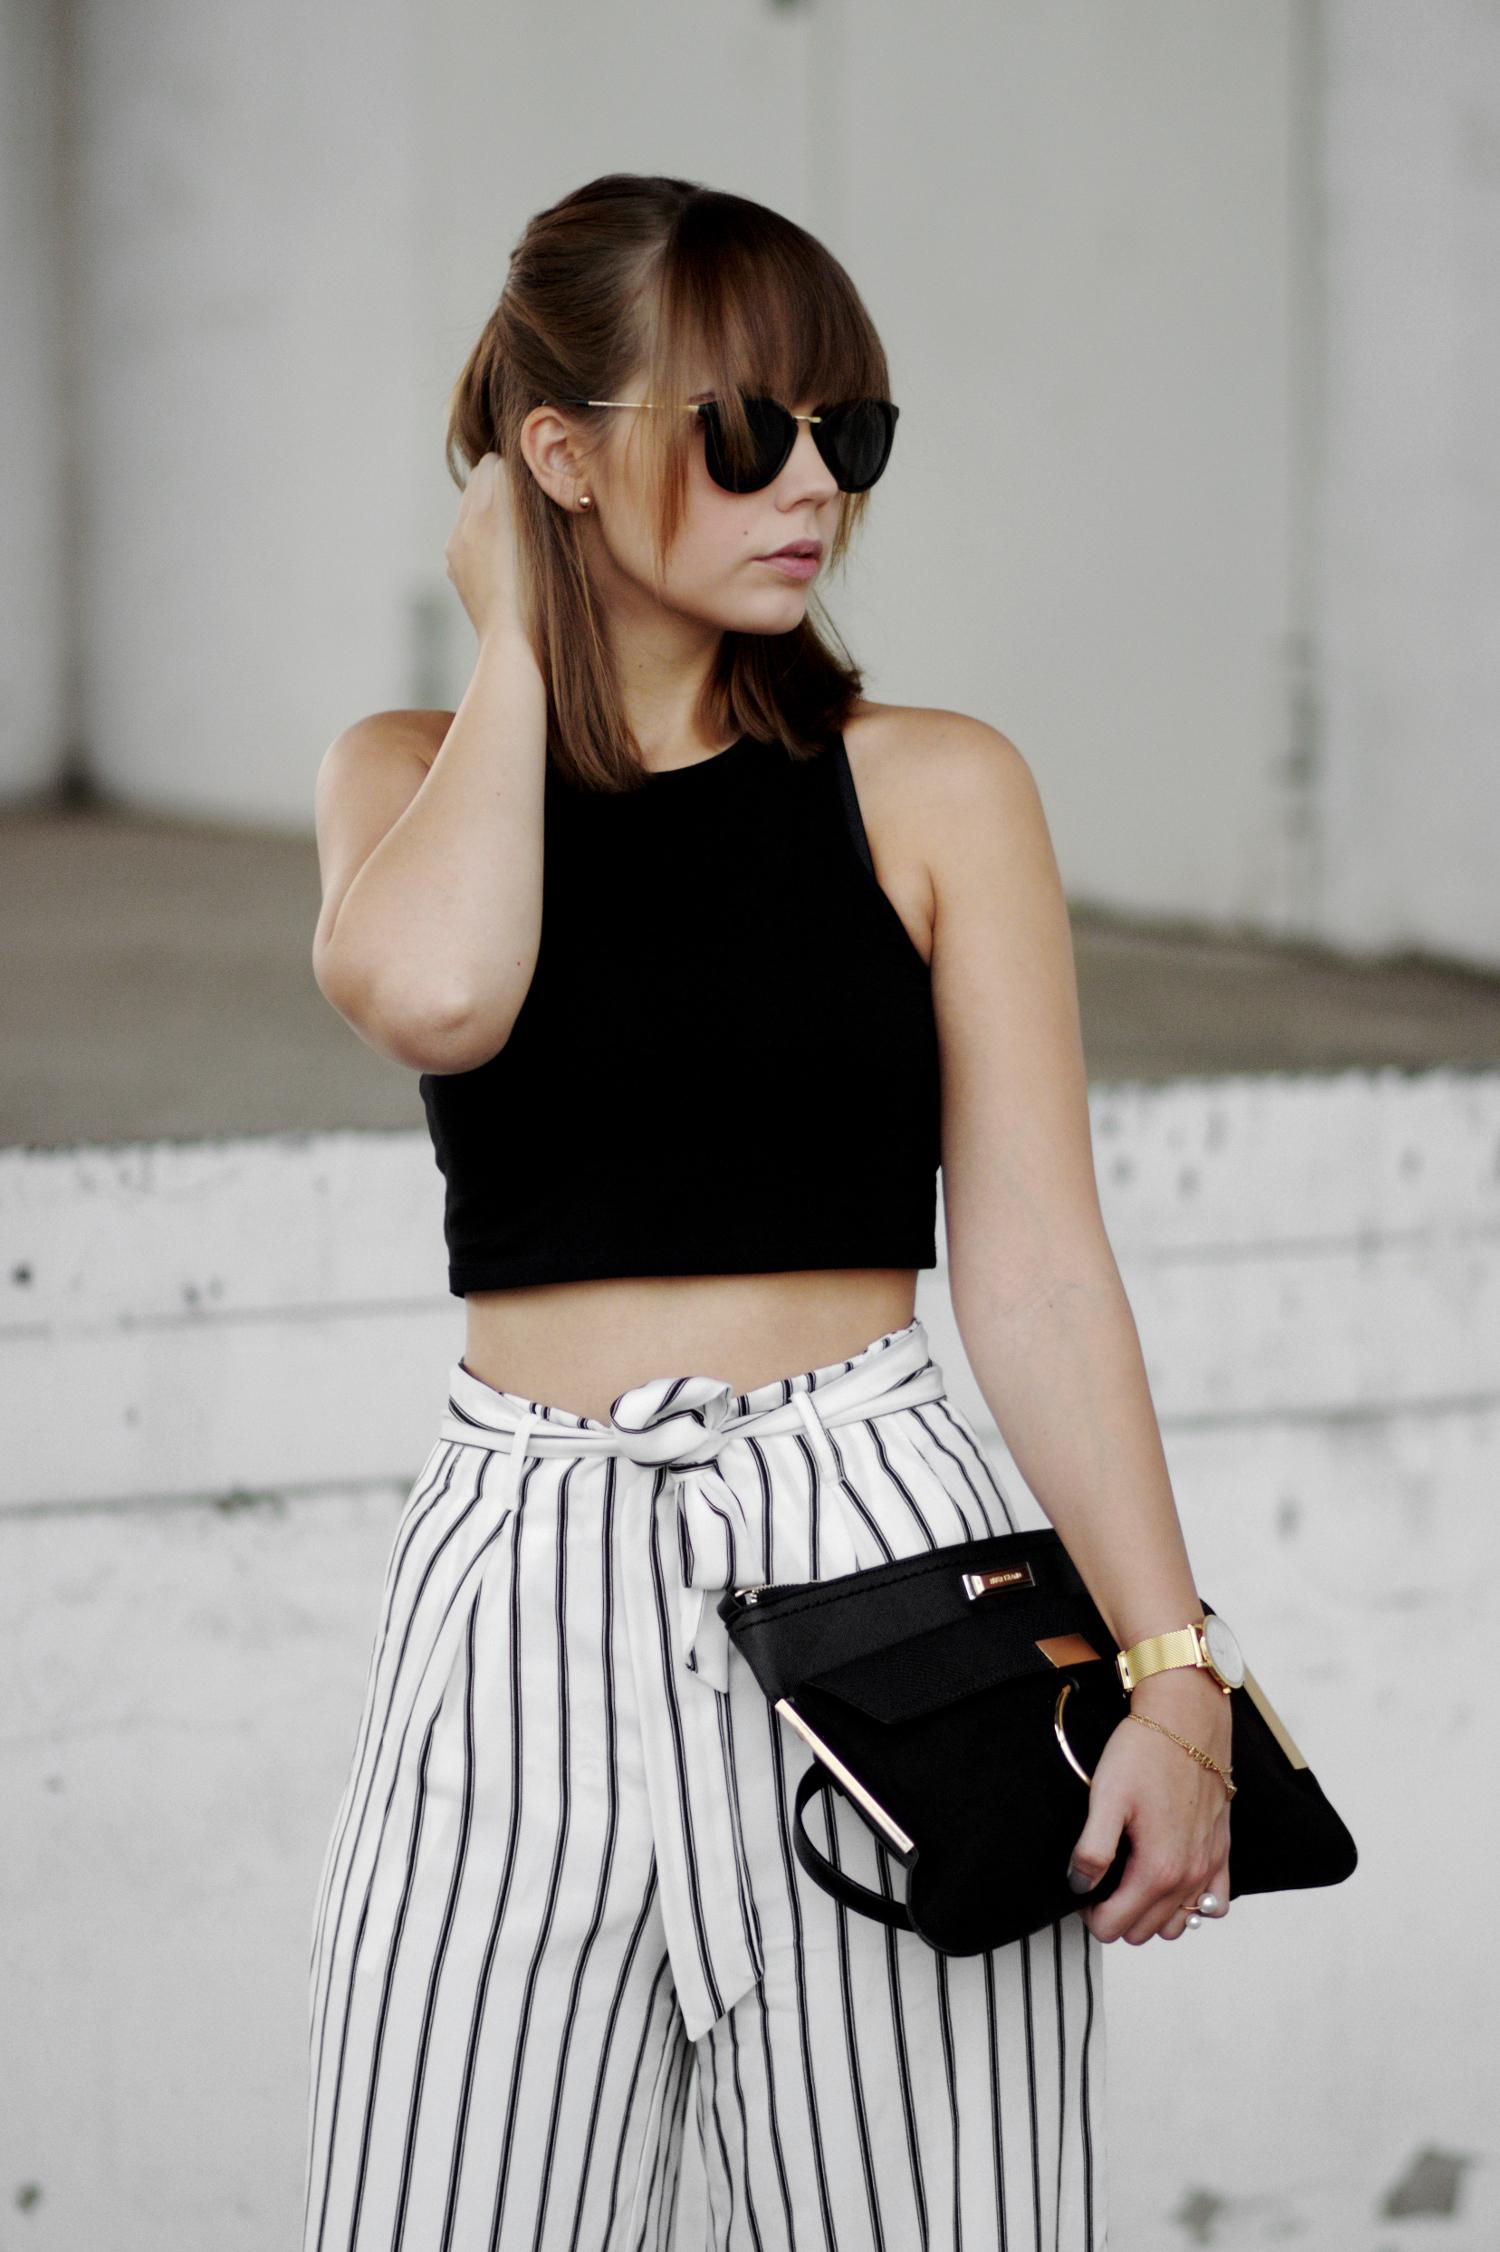 Weite gestreifte Hose von Zaful, Schwarz-weiß Outfit, schwarzes Crop Top, schwarze Sandaletten, Streetstyle, Rosefield Uhr, bezauberndenana.de